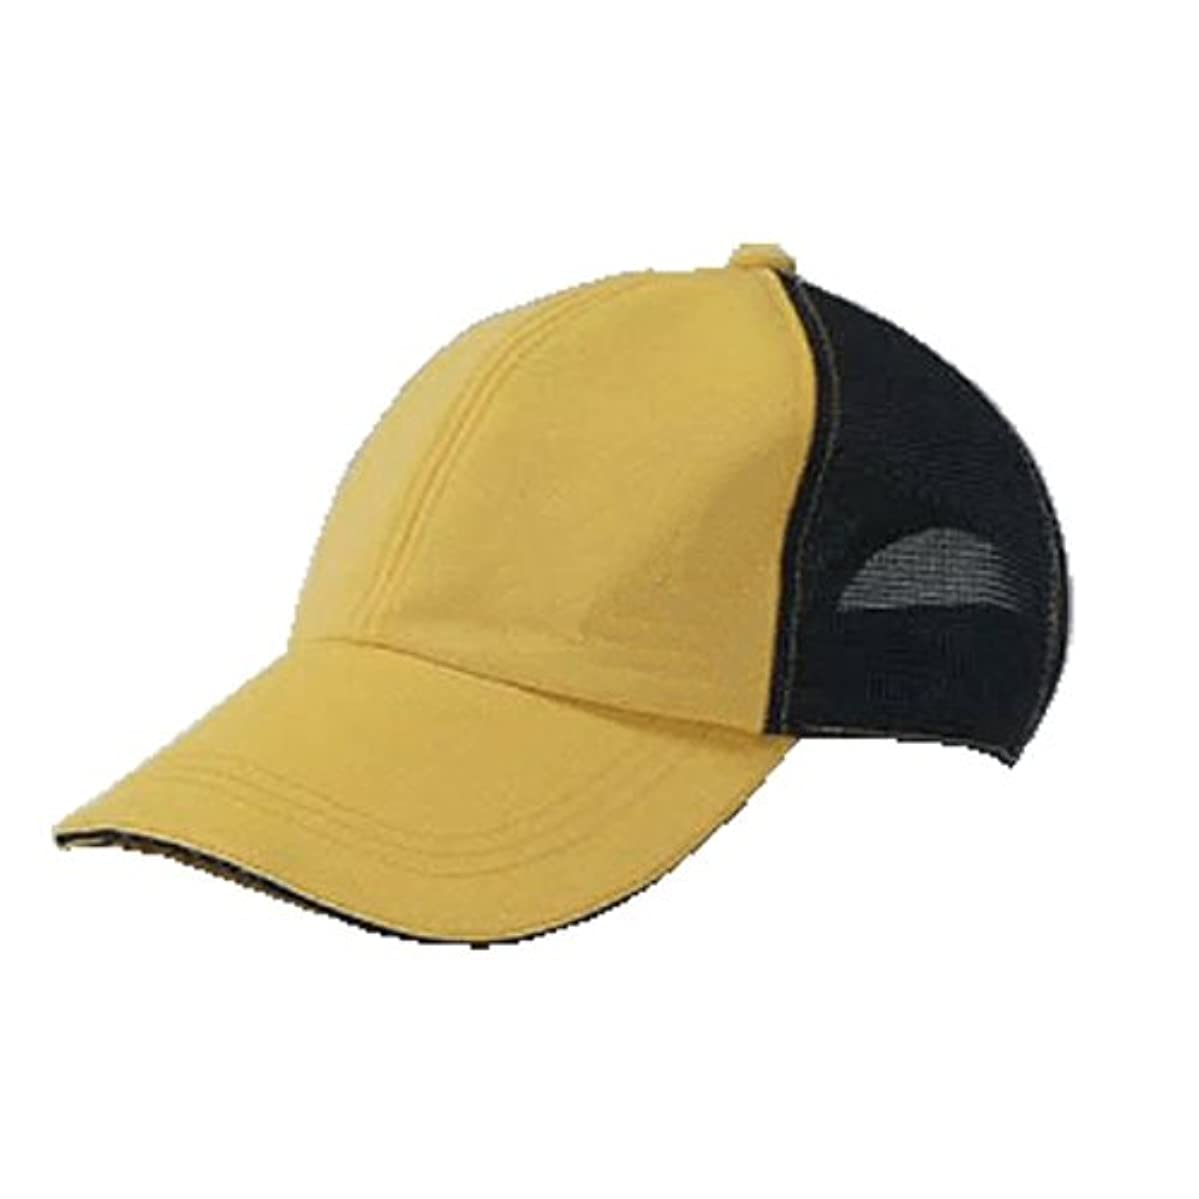 ご覧くださいレンドペルセウスLEDライト付き帽子 TERUBO メッシュタイプ 黄/黒